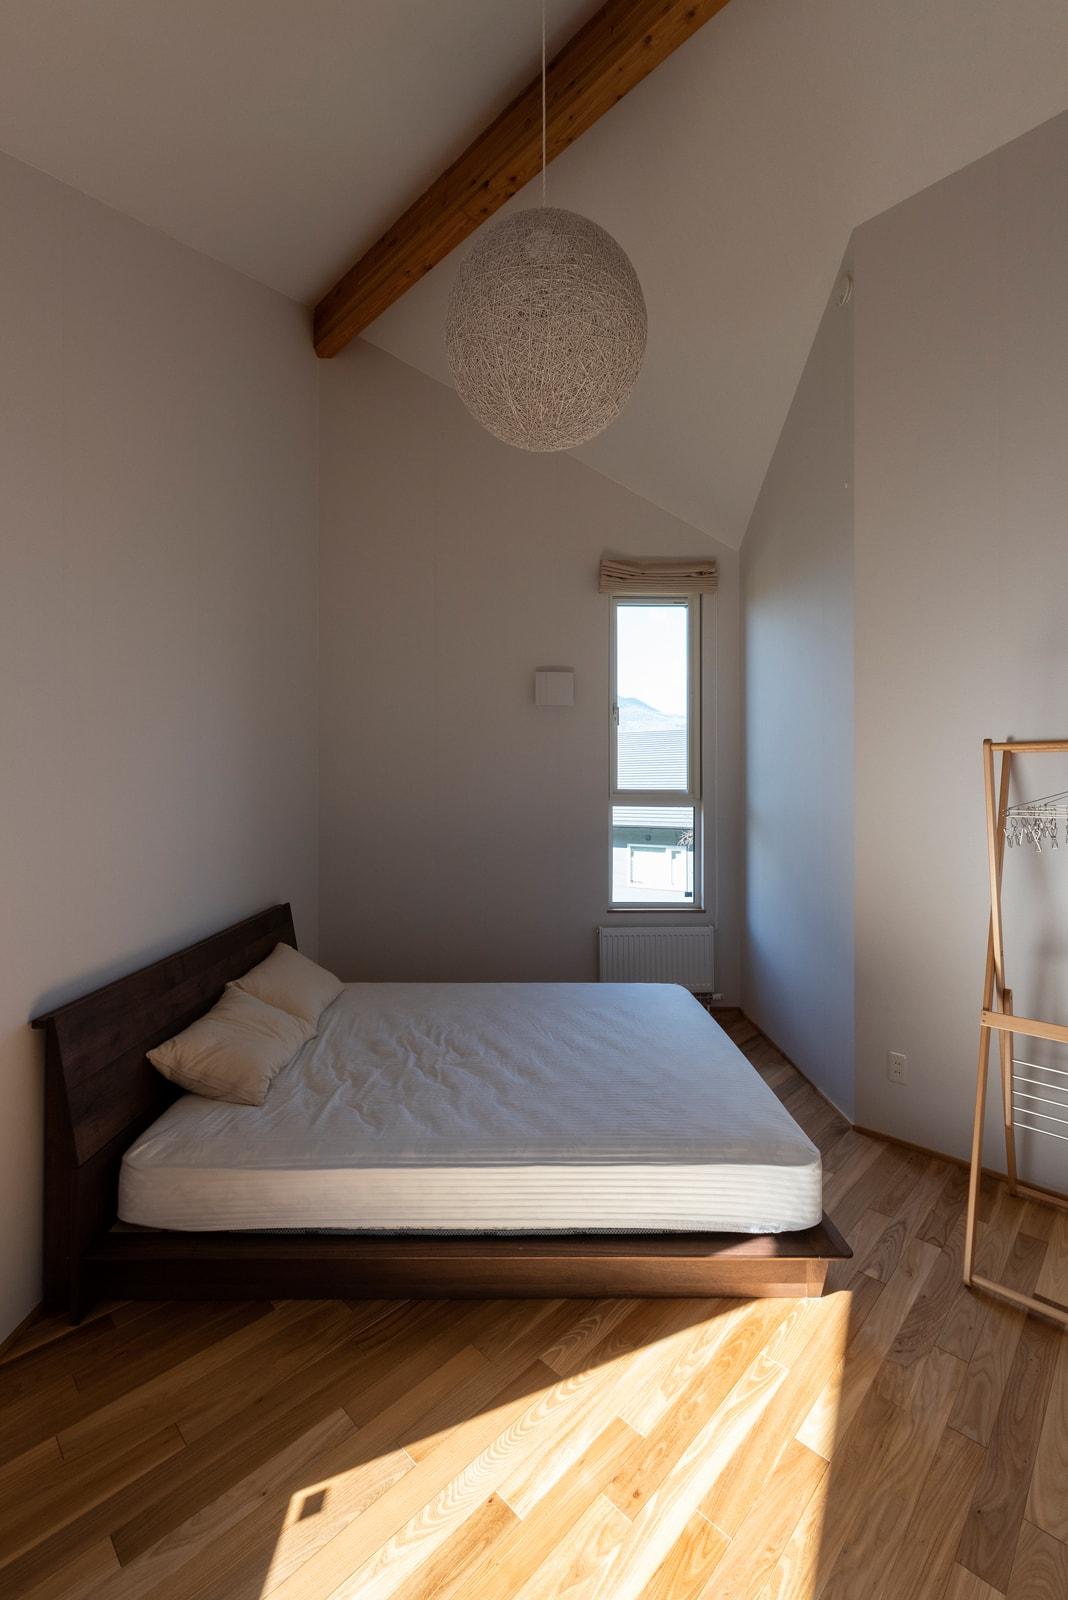 気持ちよく風が通る3階の主寝室。3階には主寝室+ウォークインクローゼット、子ども部屋というシンプルな構成